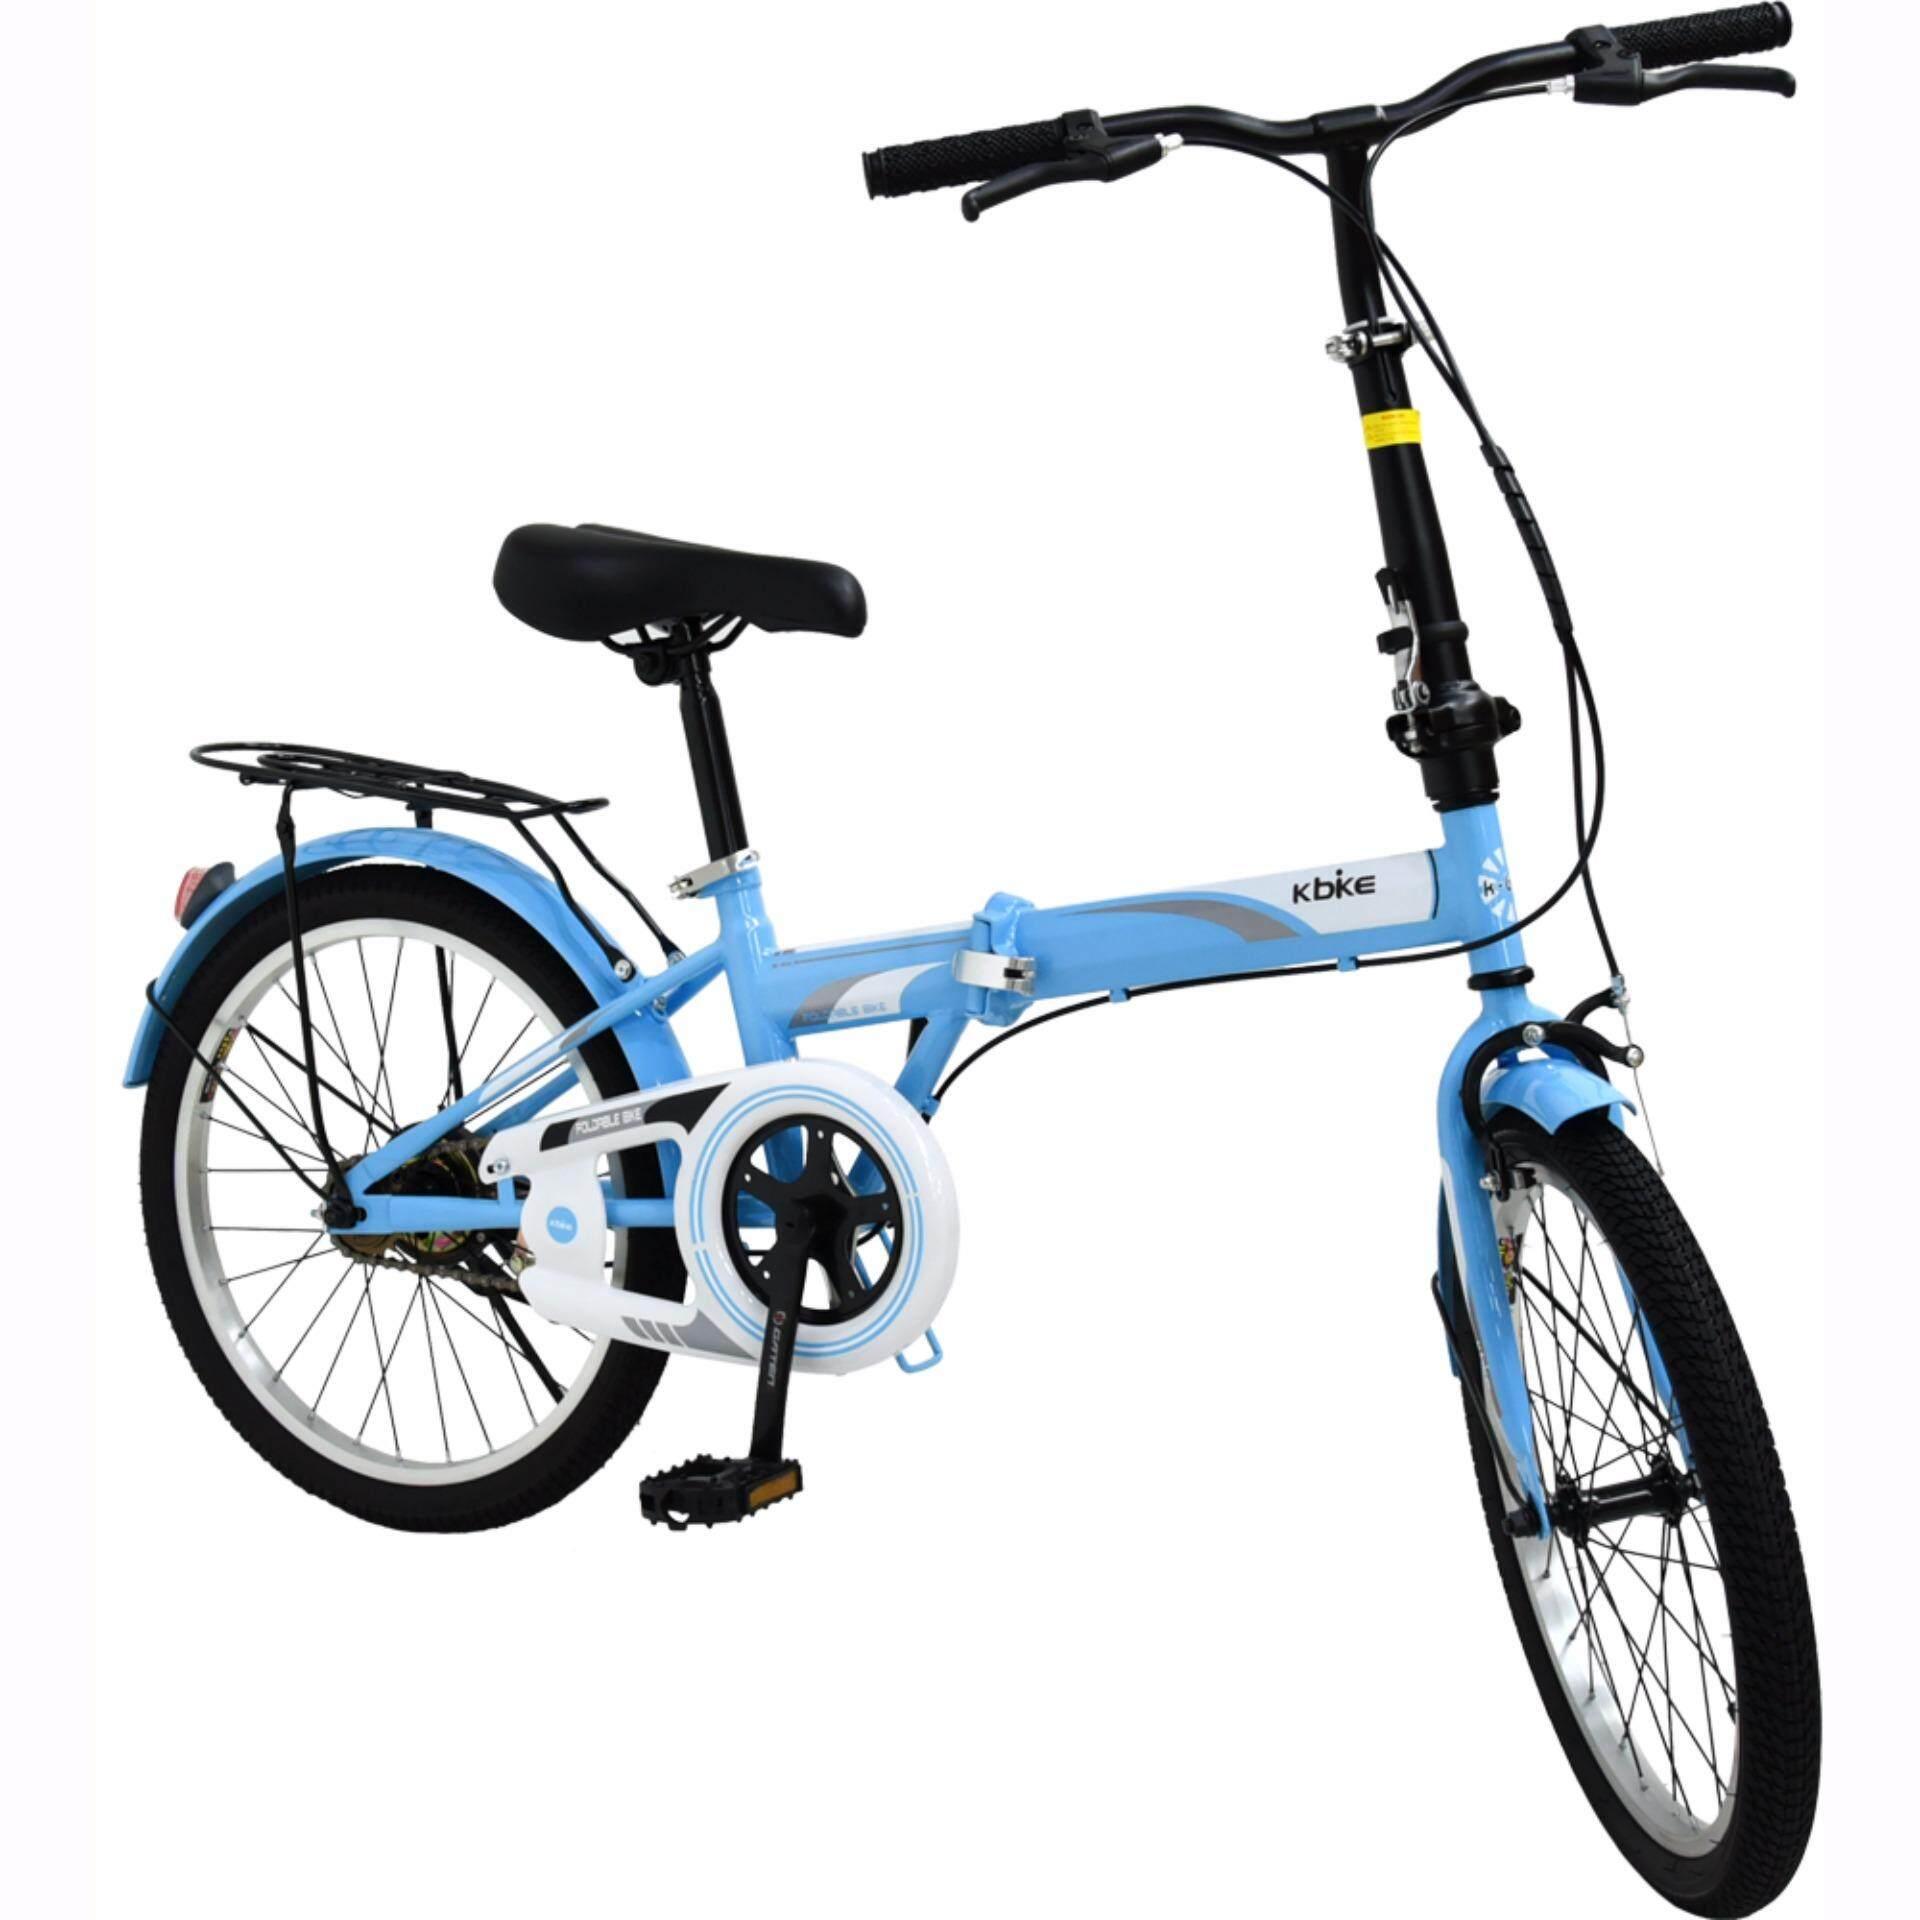 K-BIKE จักรยานพับได้ FOLDING BIKE 20 นิ้ว 1 Speed รุ่น 20K61 (New Design)